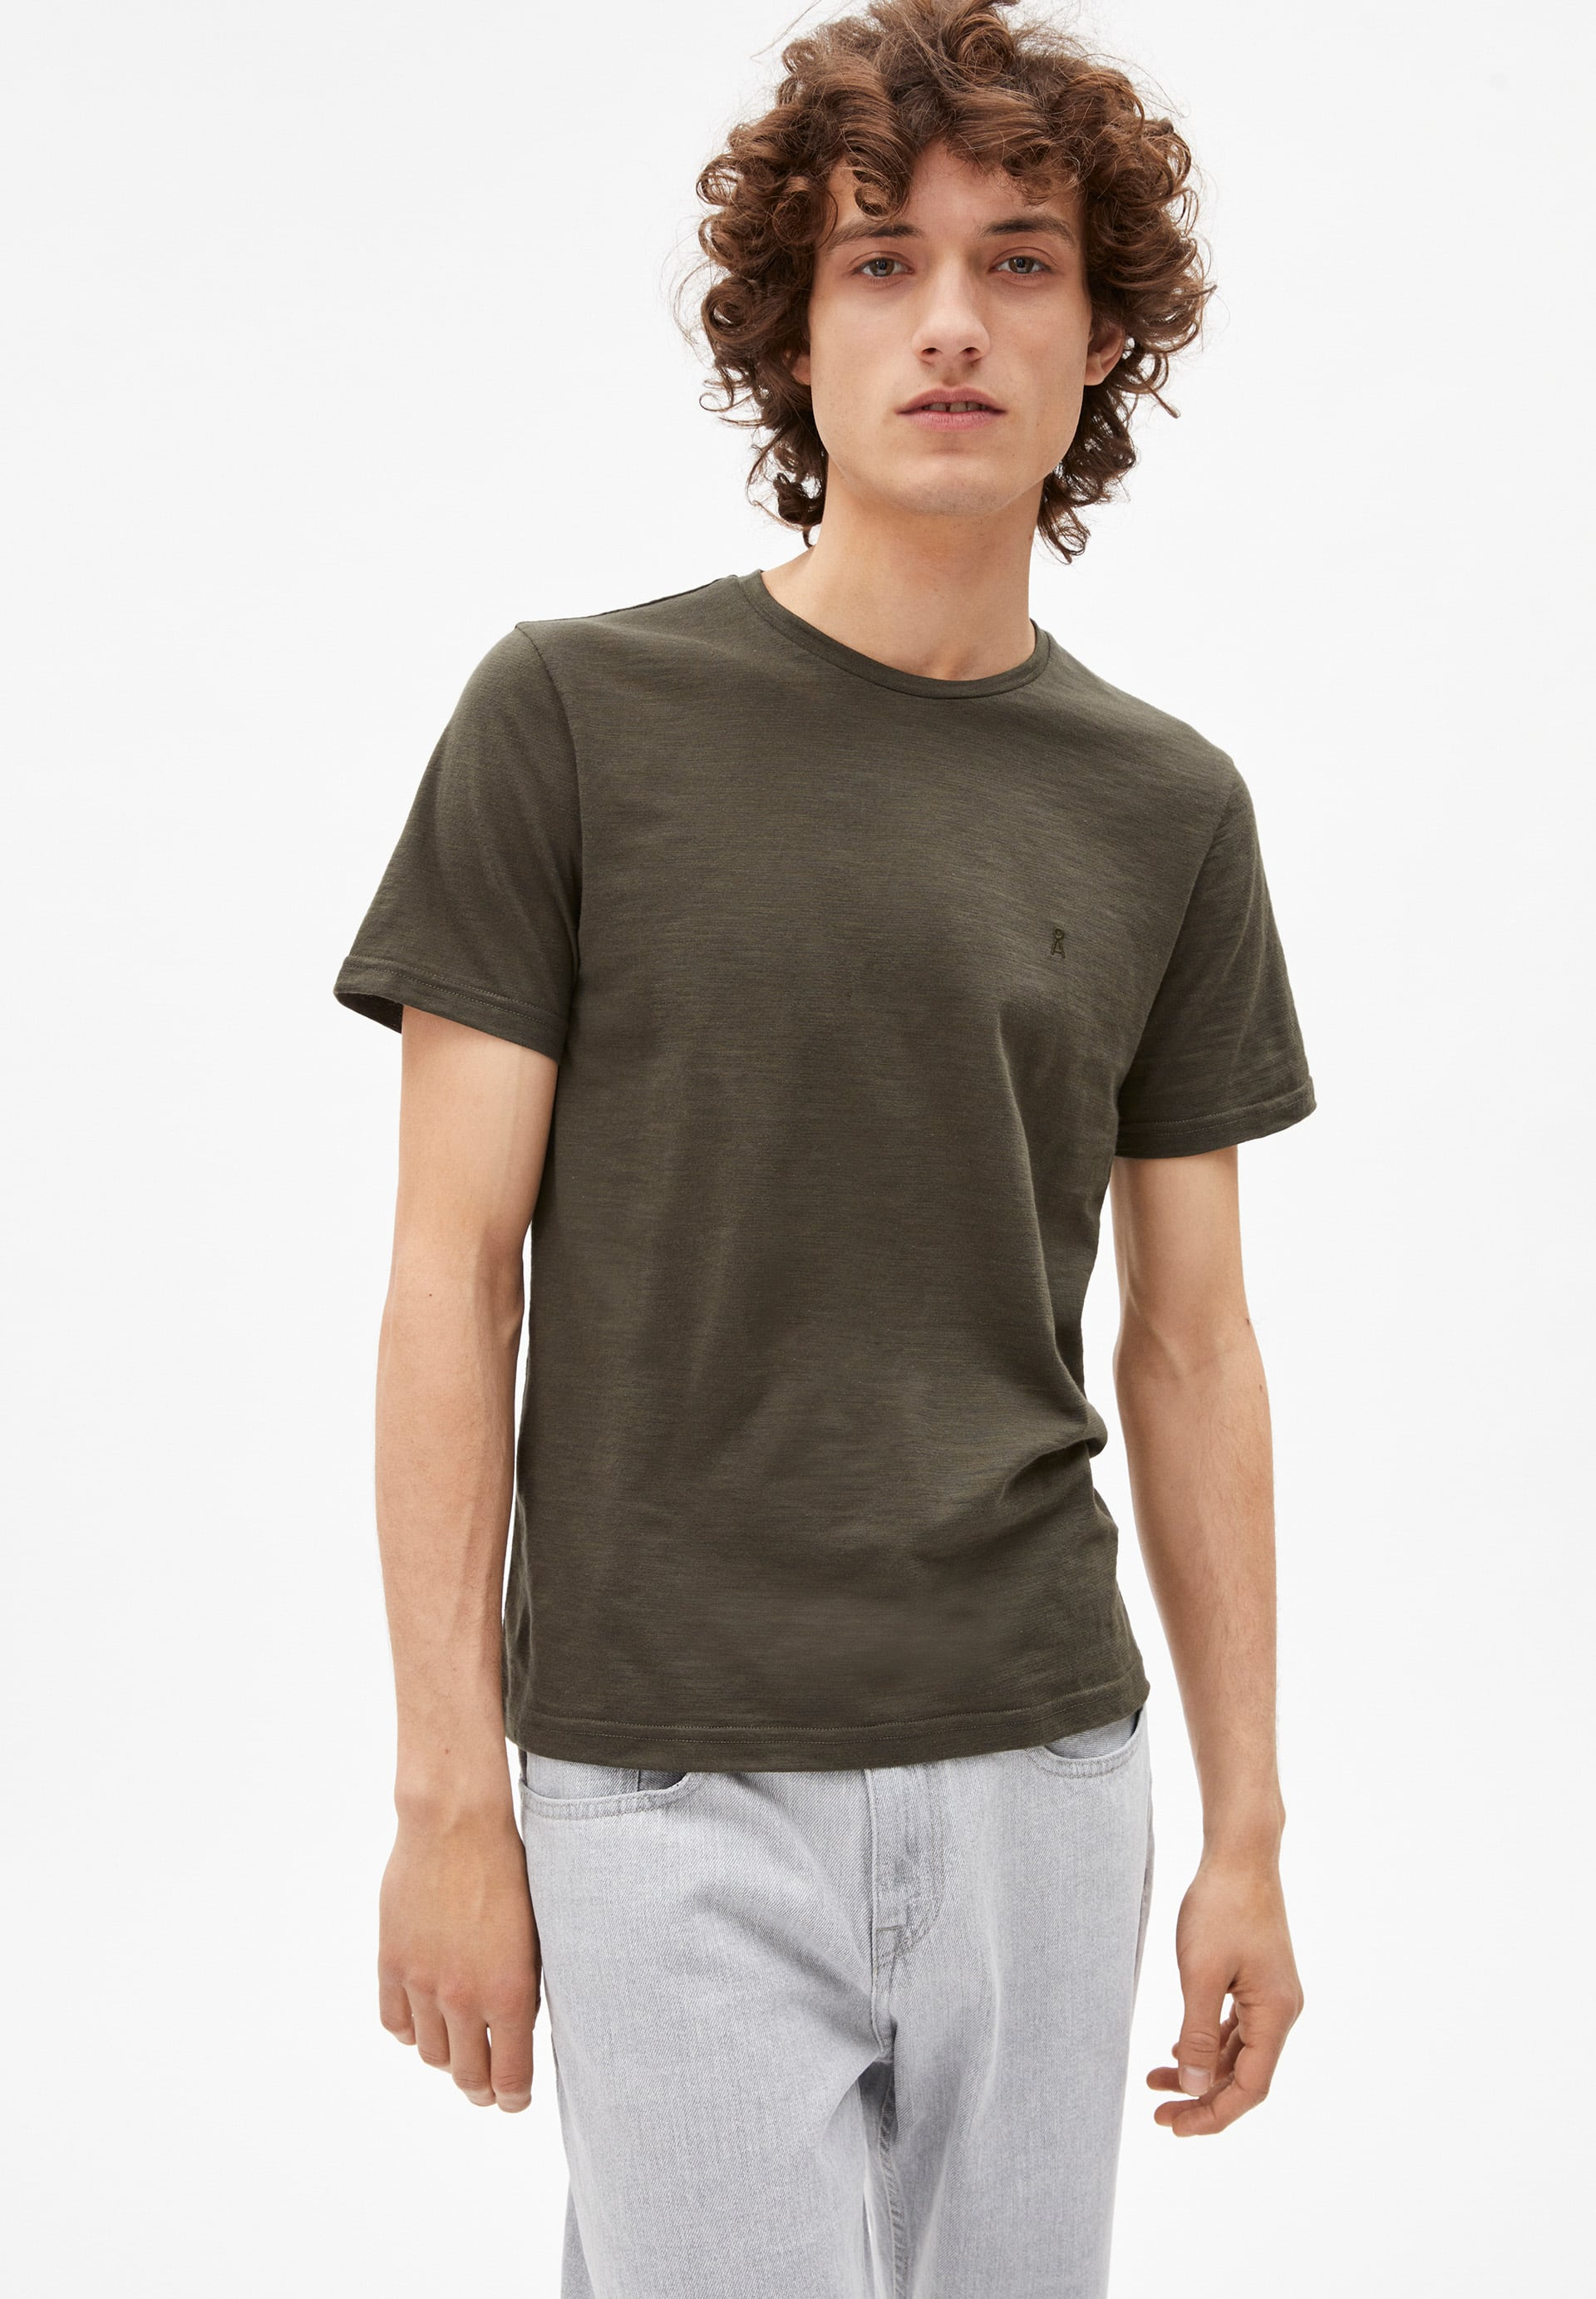 JAAMES STRUCTURE T-shirt en coton bio